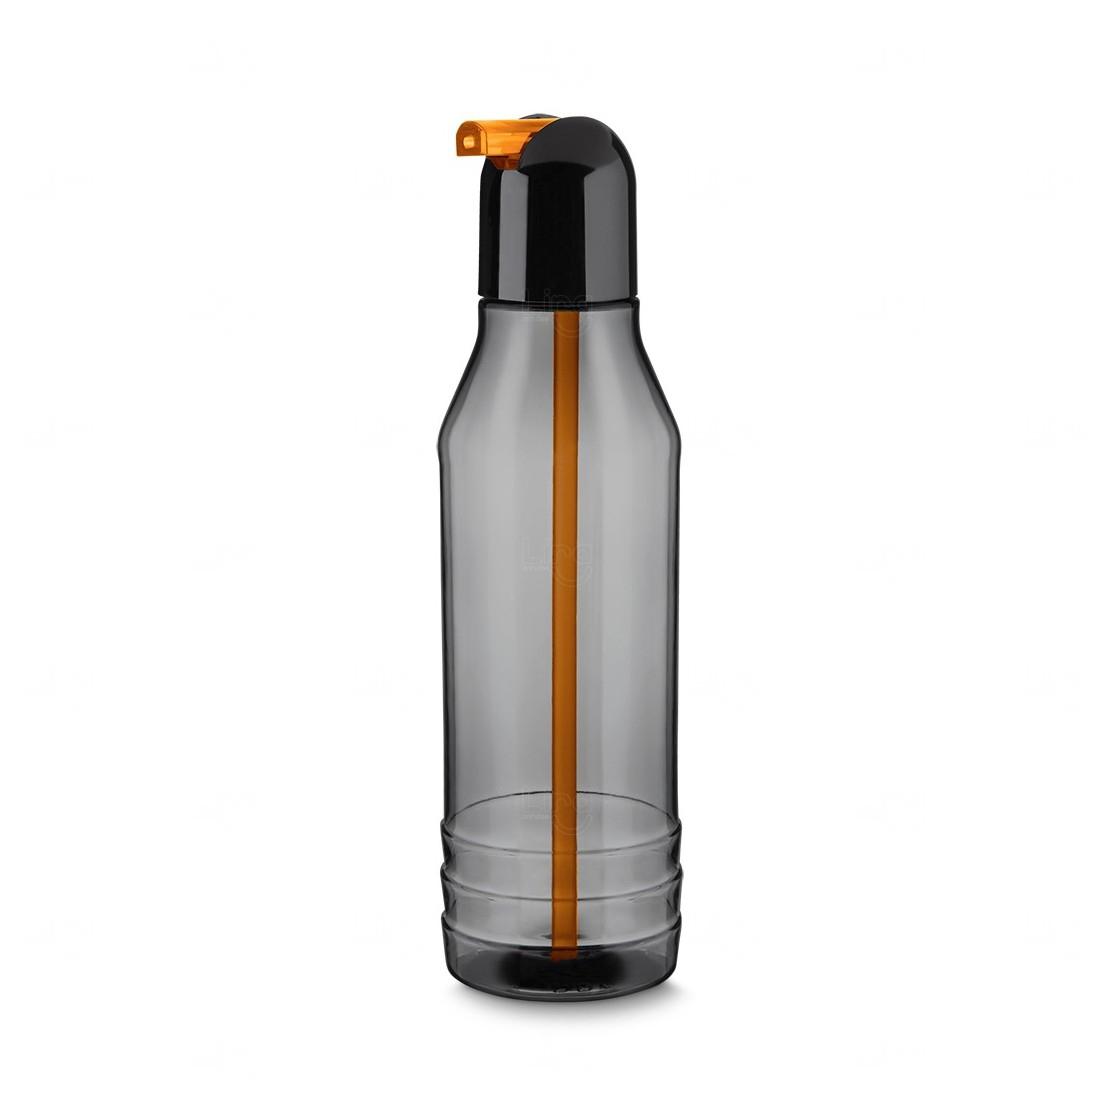 Garrafa Squeeze Plástico Personalizada - 600 ml